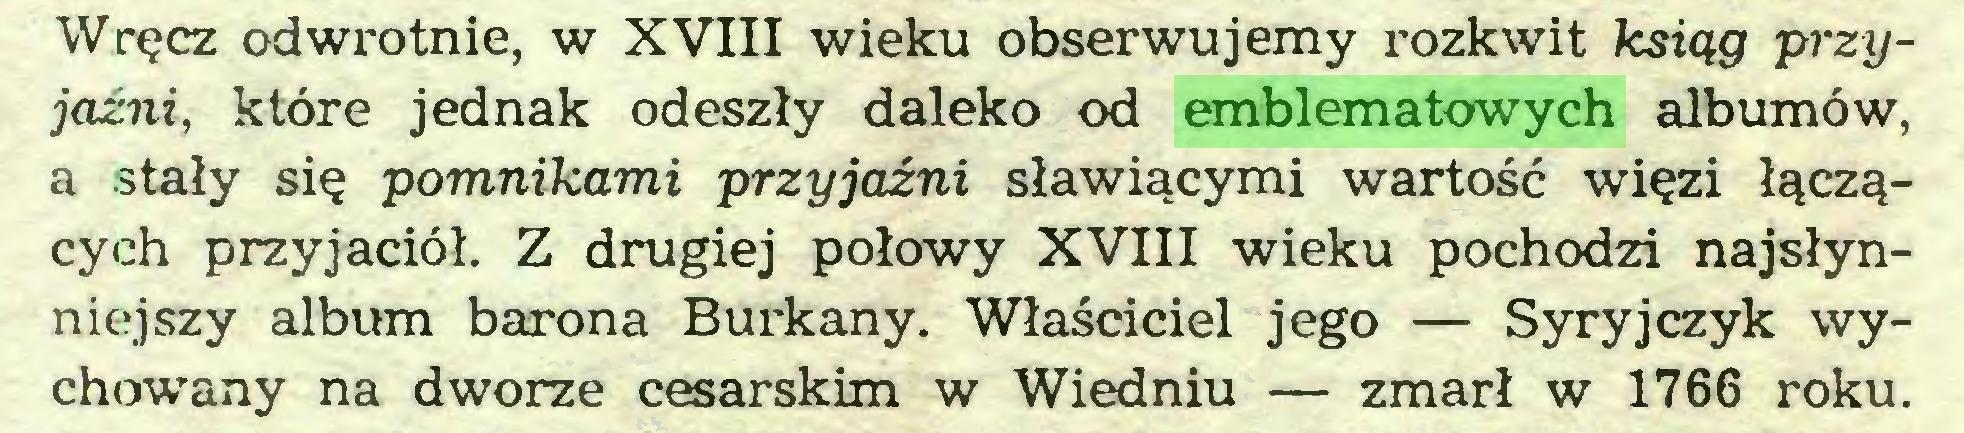 (...) Wręcz odwrotnie, w XVIII wieku obserwujemy rozkwit ksiąg przyjaźni, które jednak odeszły daleko od emblematowych albumów, a stały się pomnikami przyjaźni sławiącymi wartość więzi łączących przyjaciół. Z drugiej połowy XVIII wieku pochodzi najsłynniejszy album barona Burkany. Właściciel jego — Syryjczyk wychowany na dworze cesarskim w Wiedniu — zmarł w 1766 roku...